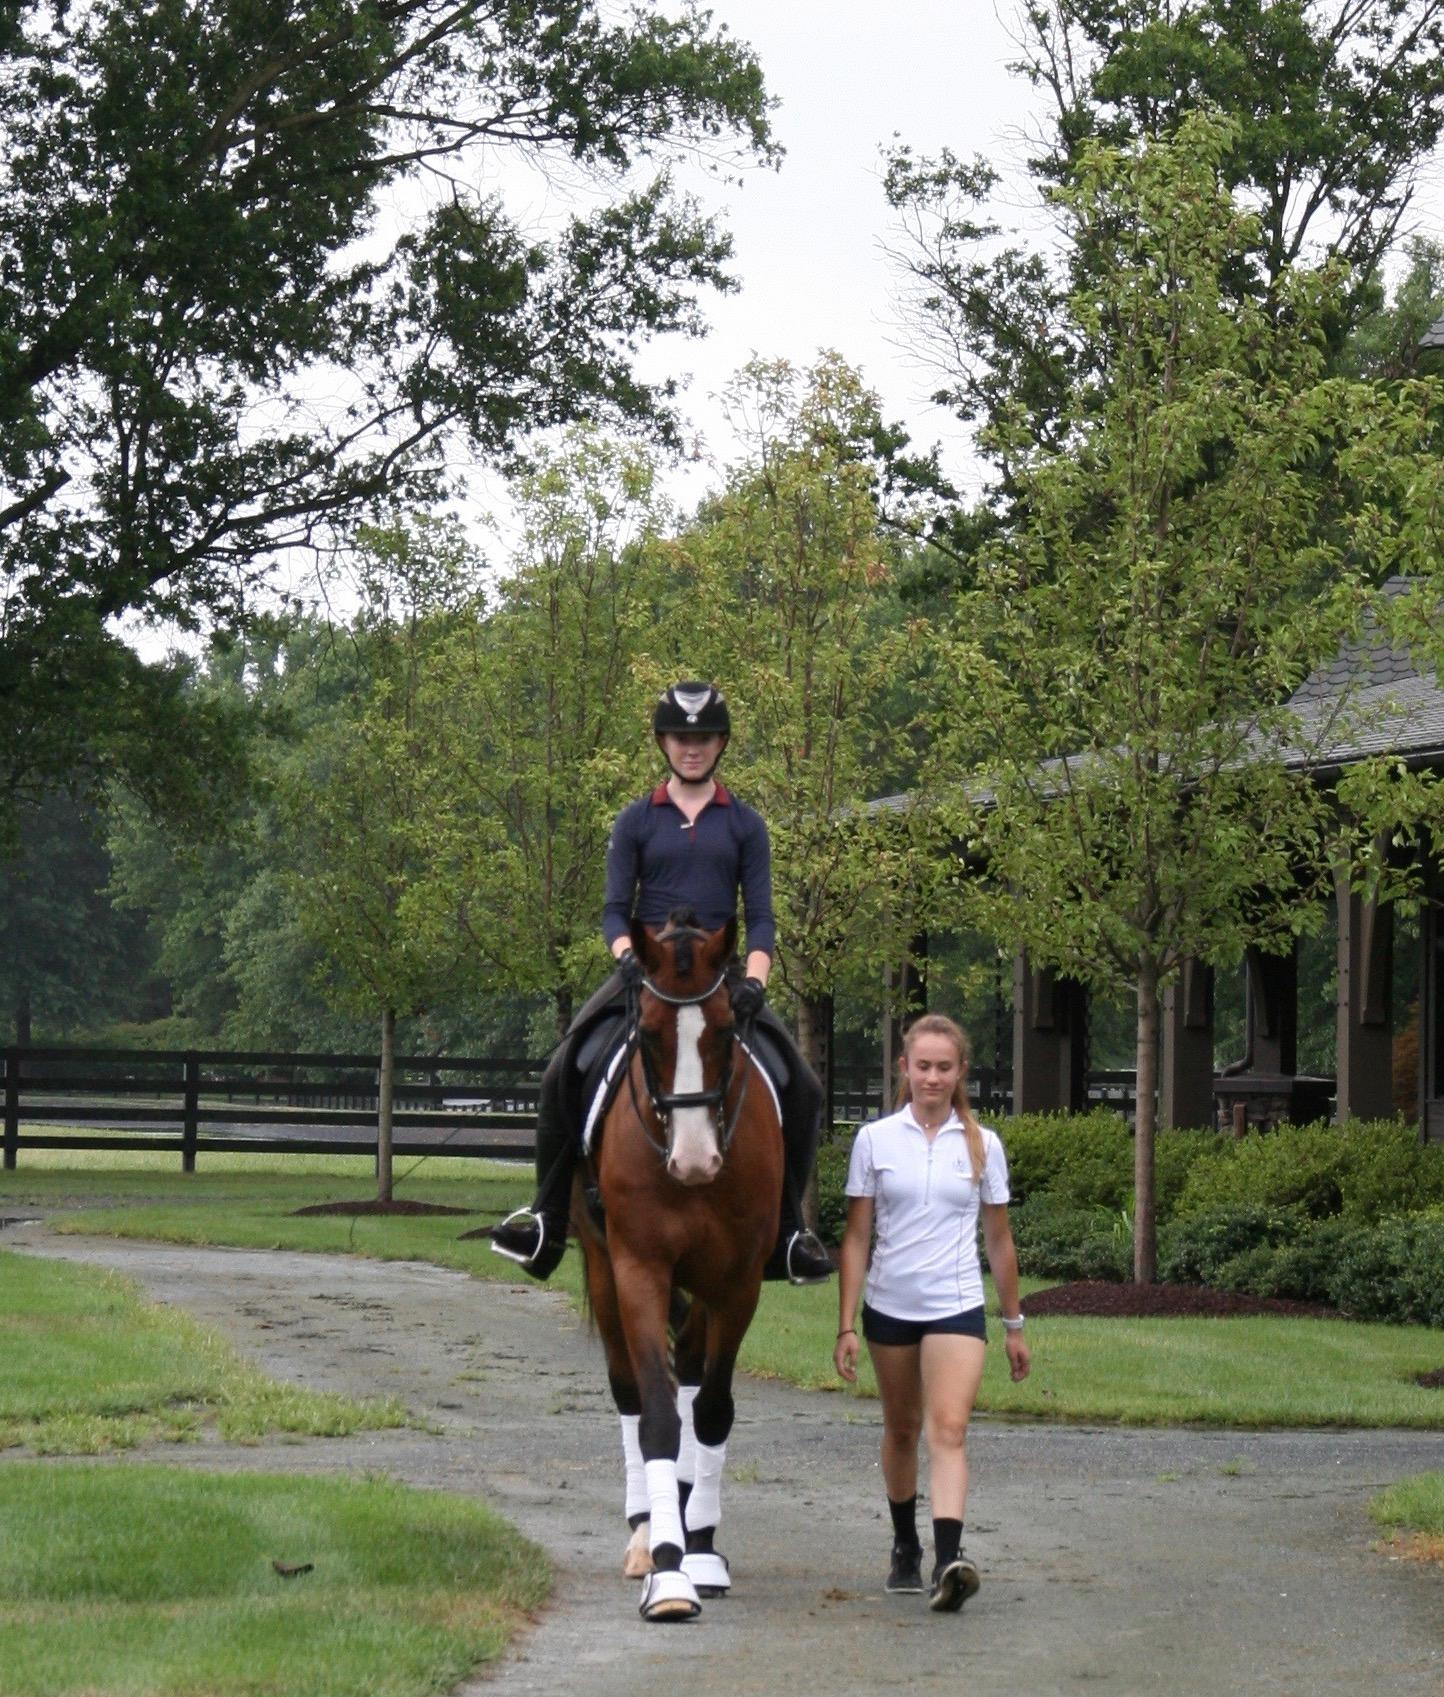 D4K Sponsors Scott Hassler Horsemastership Clinic